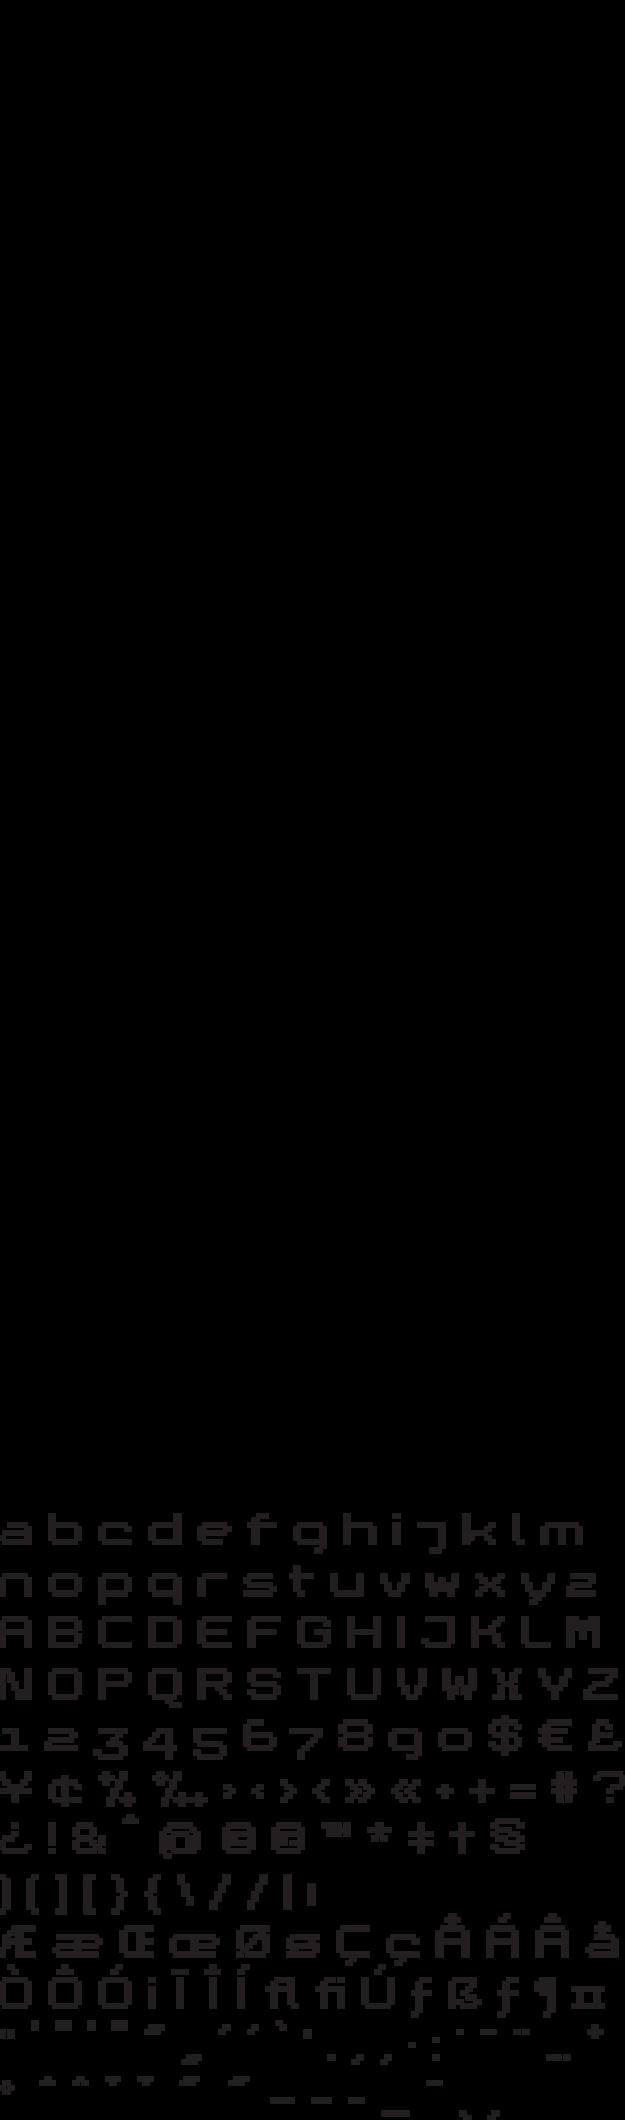 Diphtong-pixel_4-billboard_billboard